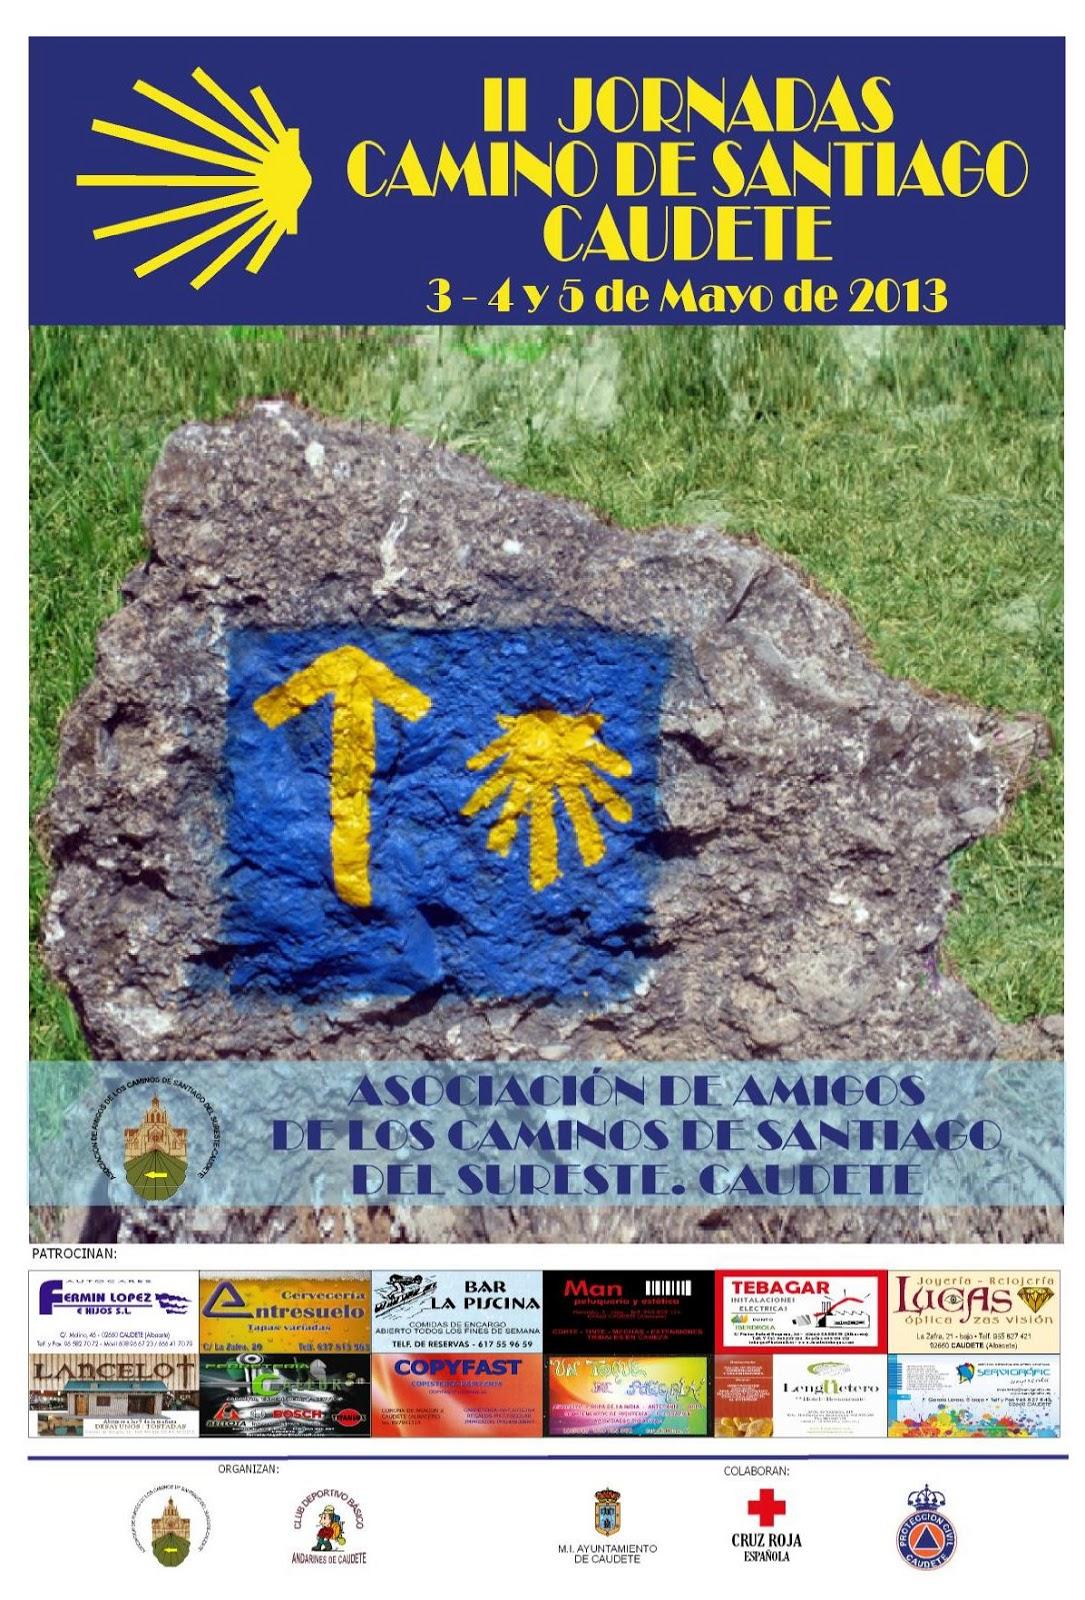 II JORNADAS CAMINO SANTIAGO CAUDETE (3, 4 y 5 de mayo de 2.013)